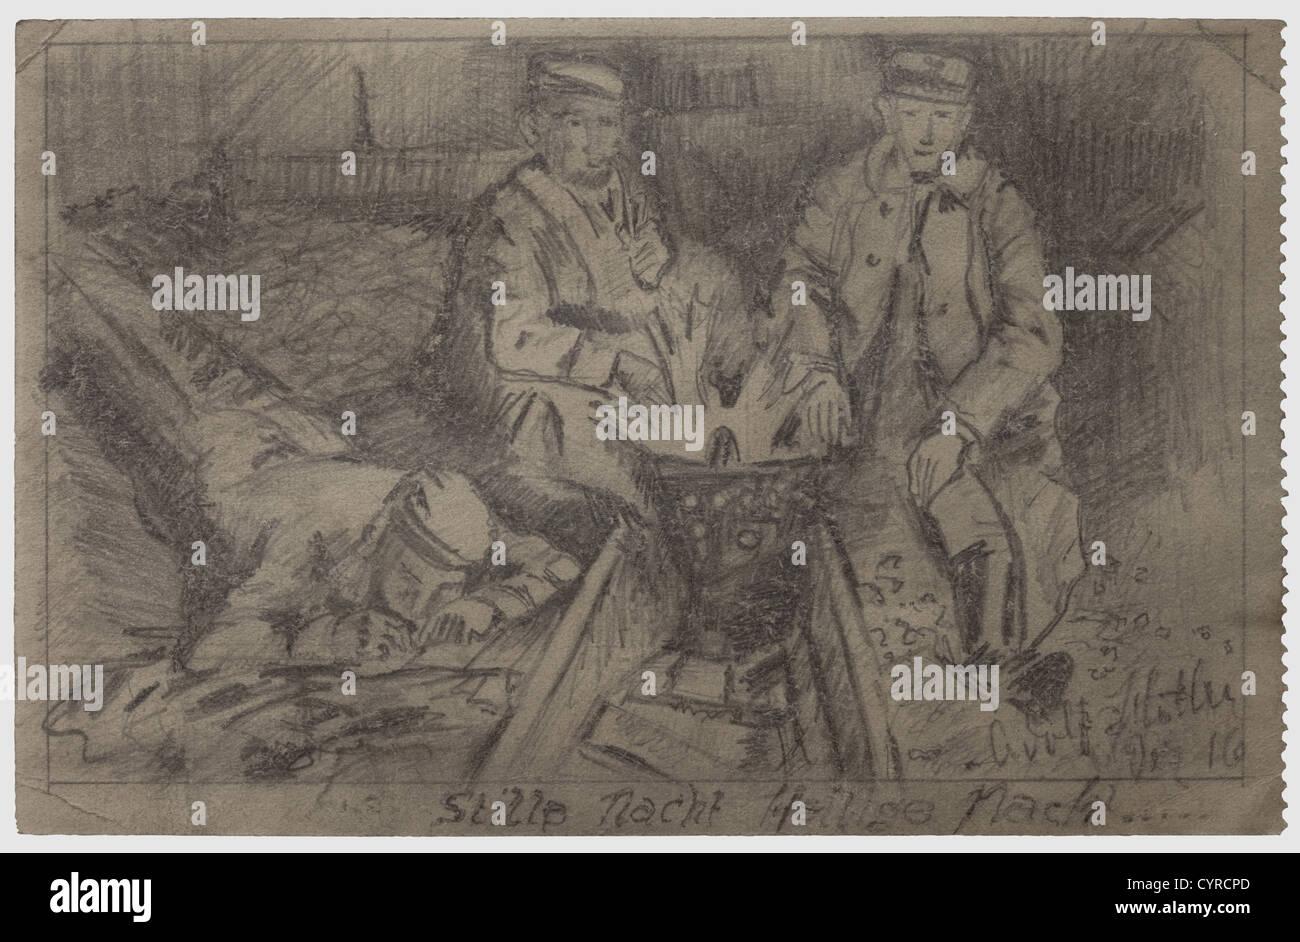 Adolf Hitler Un Dibujo Para El Traficante De Armas De Munich Adam